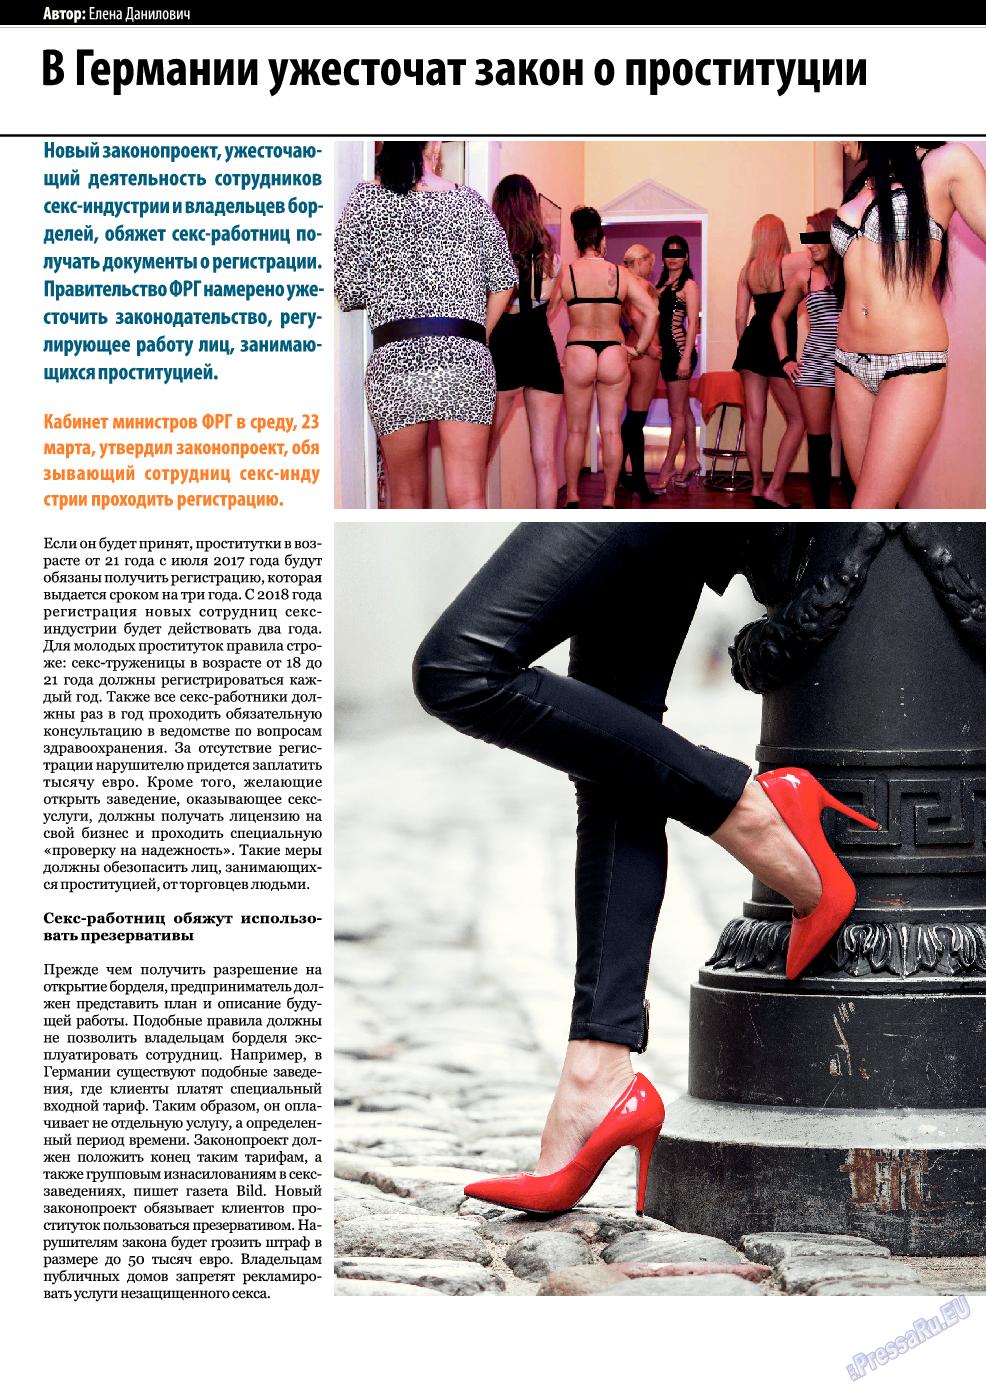 Берлинский телеграф (журнал). 2016 год, номер 13, стр. 25